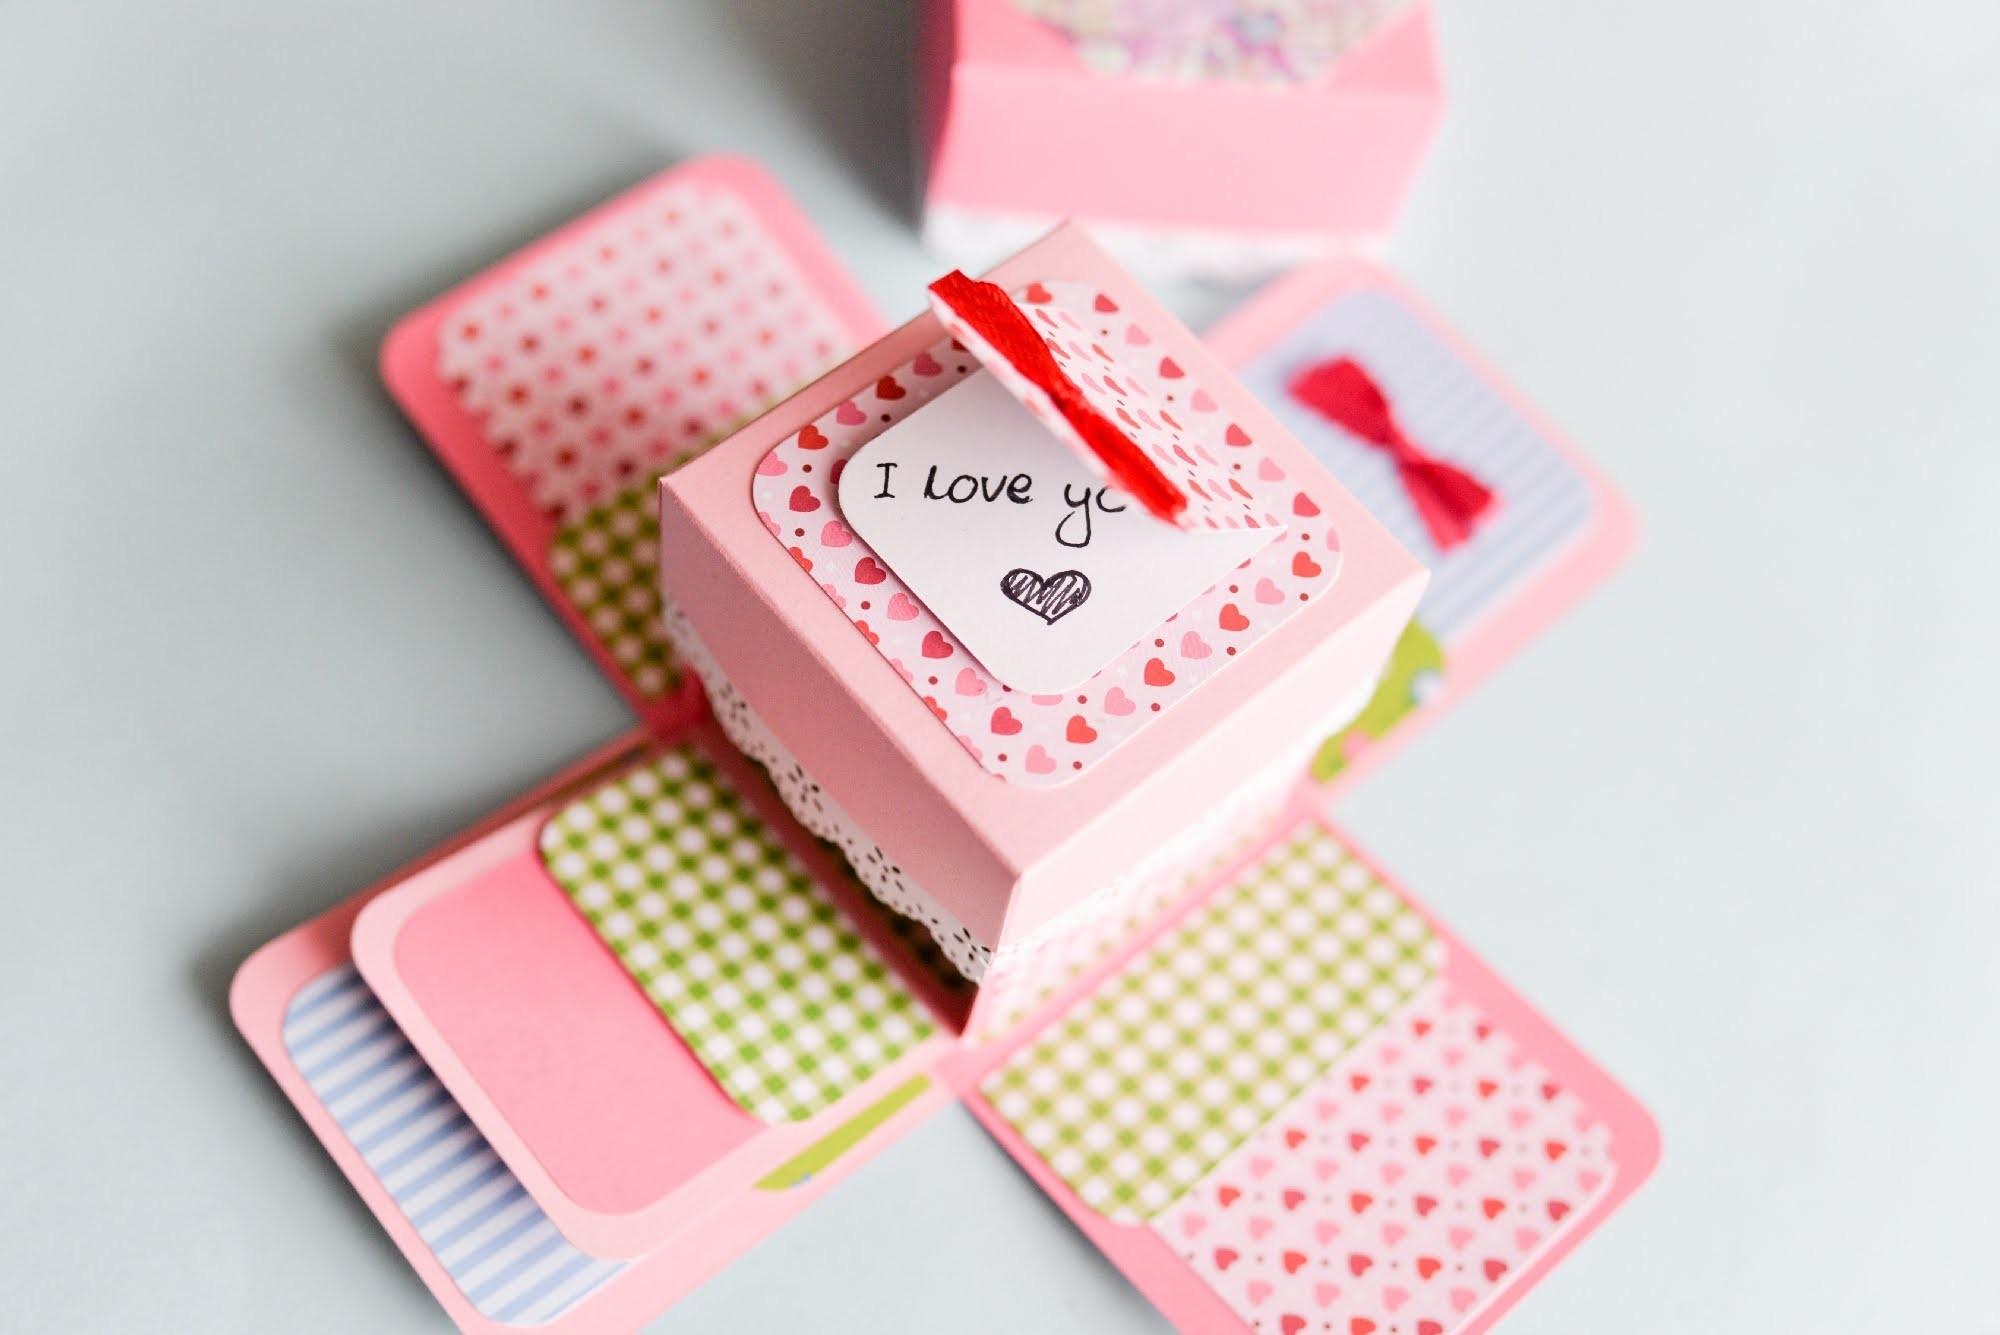 How to Make - Surprise Box Proposal Engagement - Step by Step | Eksplodujące Pudełko Oświadczyny